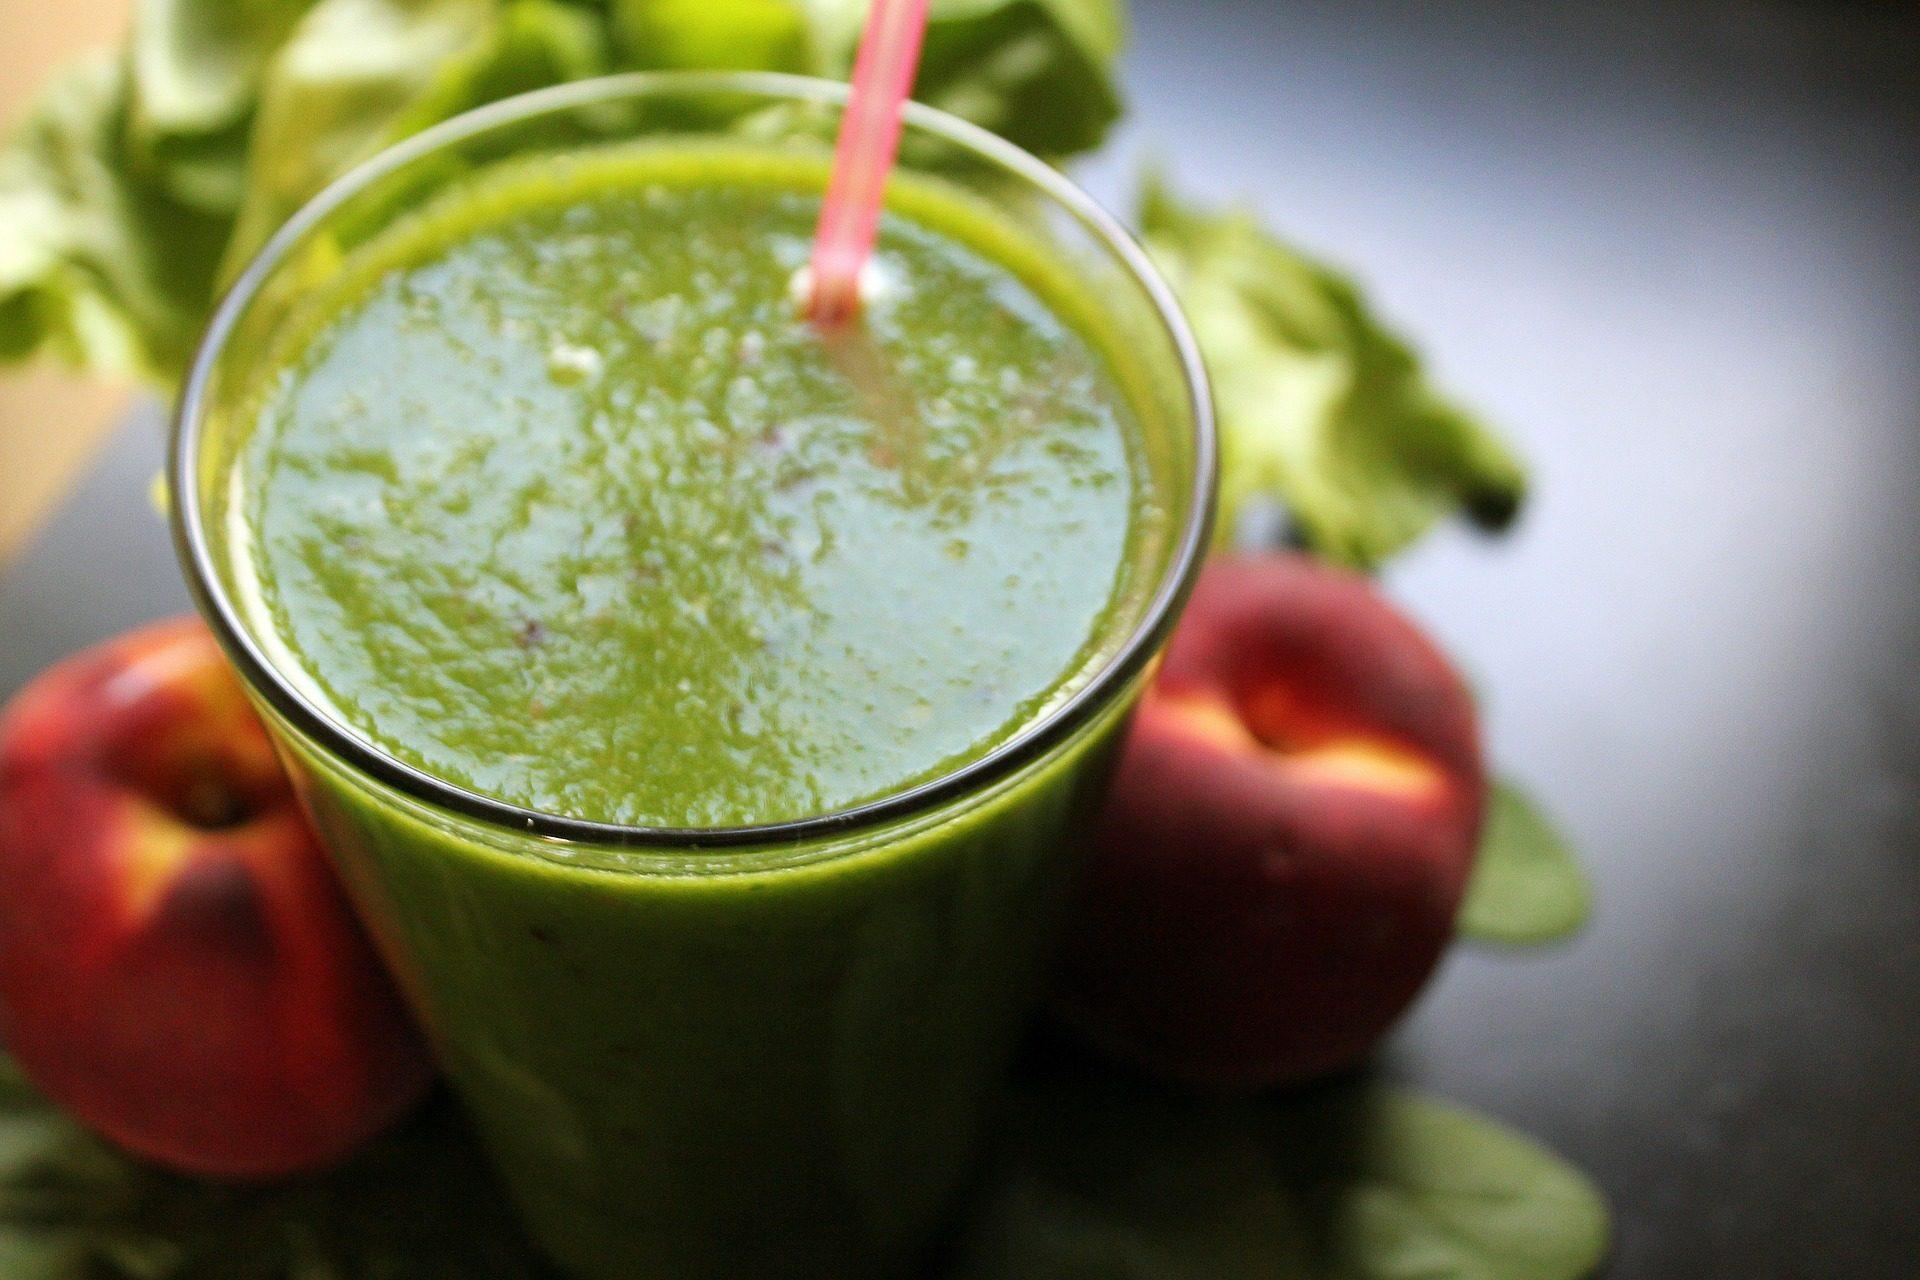 عصير, الطبيعية, صحية, التخلص من السموم, الأخضر - خلفيات عالية الدقة - أستاذ falken.com